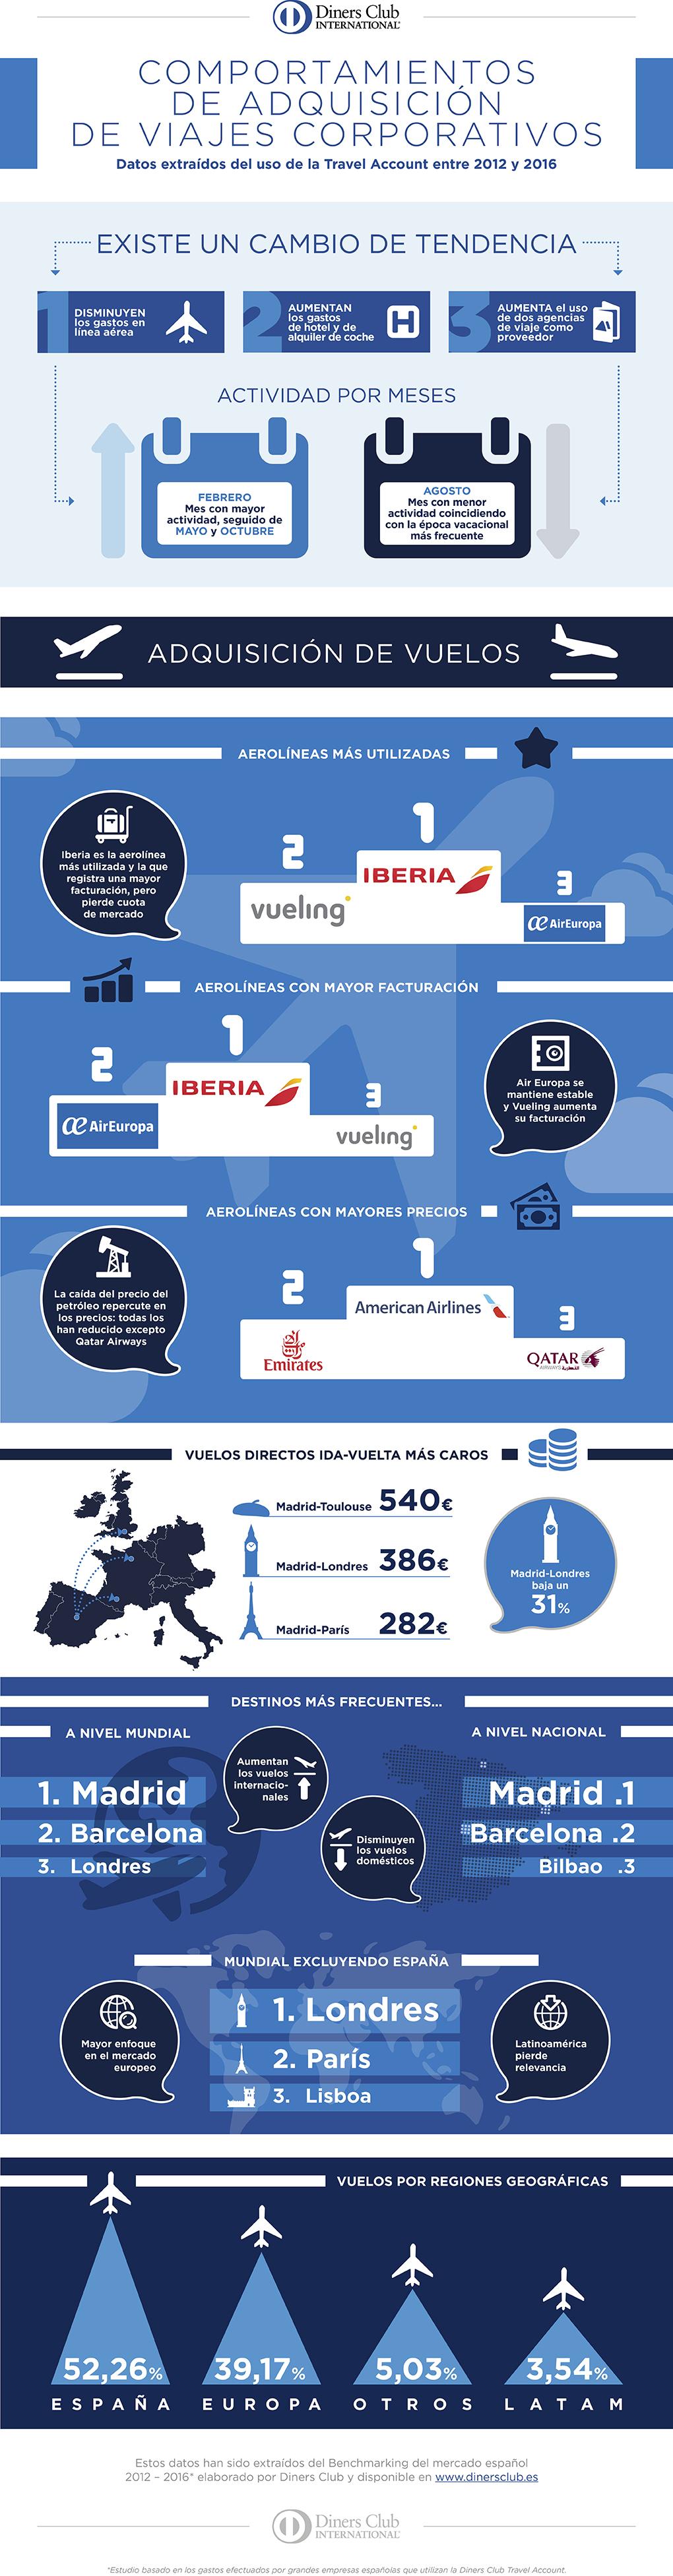 Infografia viajes corporativos